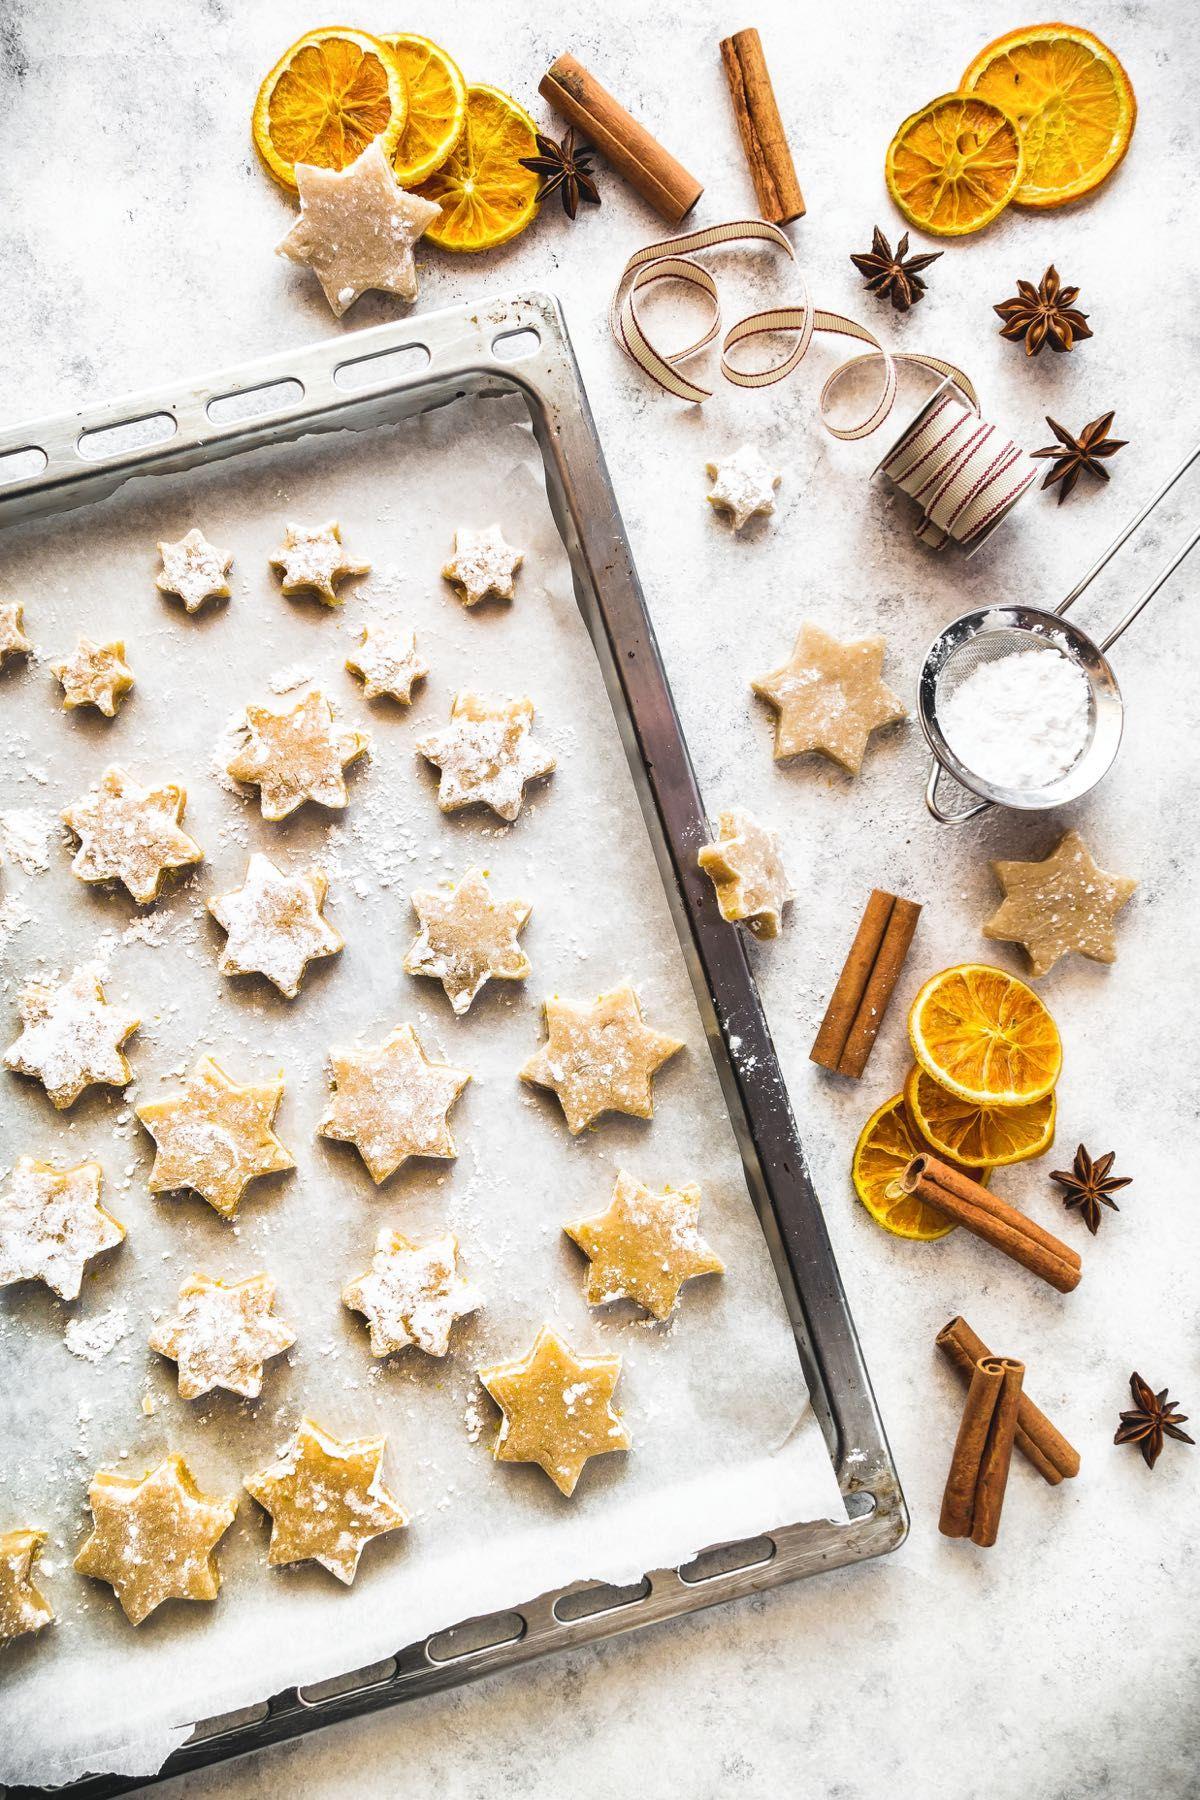 Ricetta Biscotti Di Natale.Zimtsterne Biscotti Di Natale Alla Cannella Zimtsterne Cinnamon Star Cookies